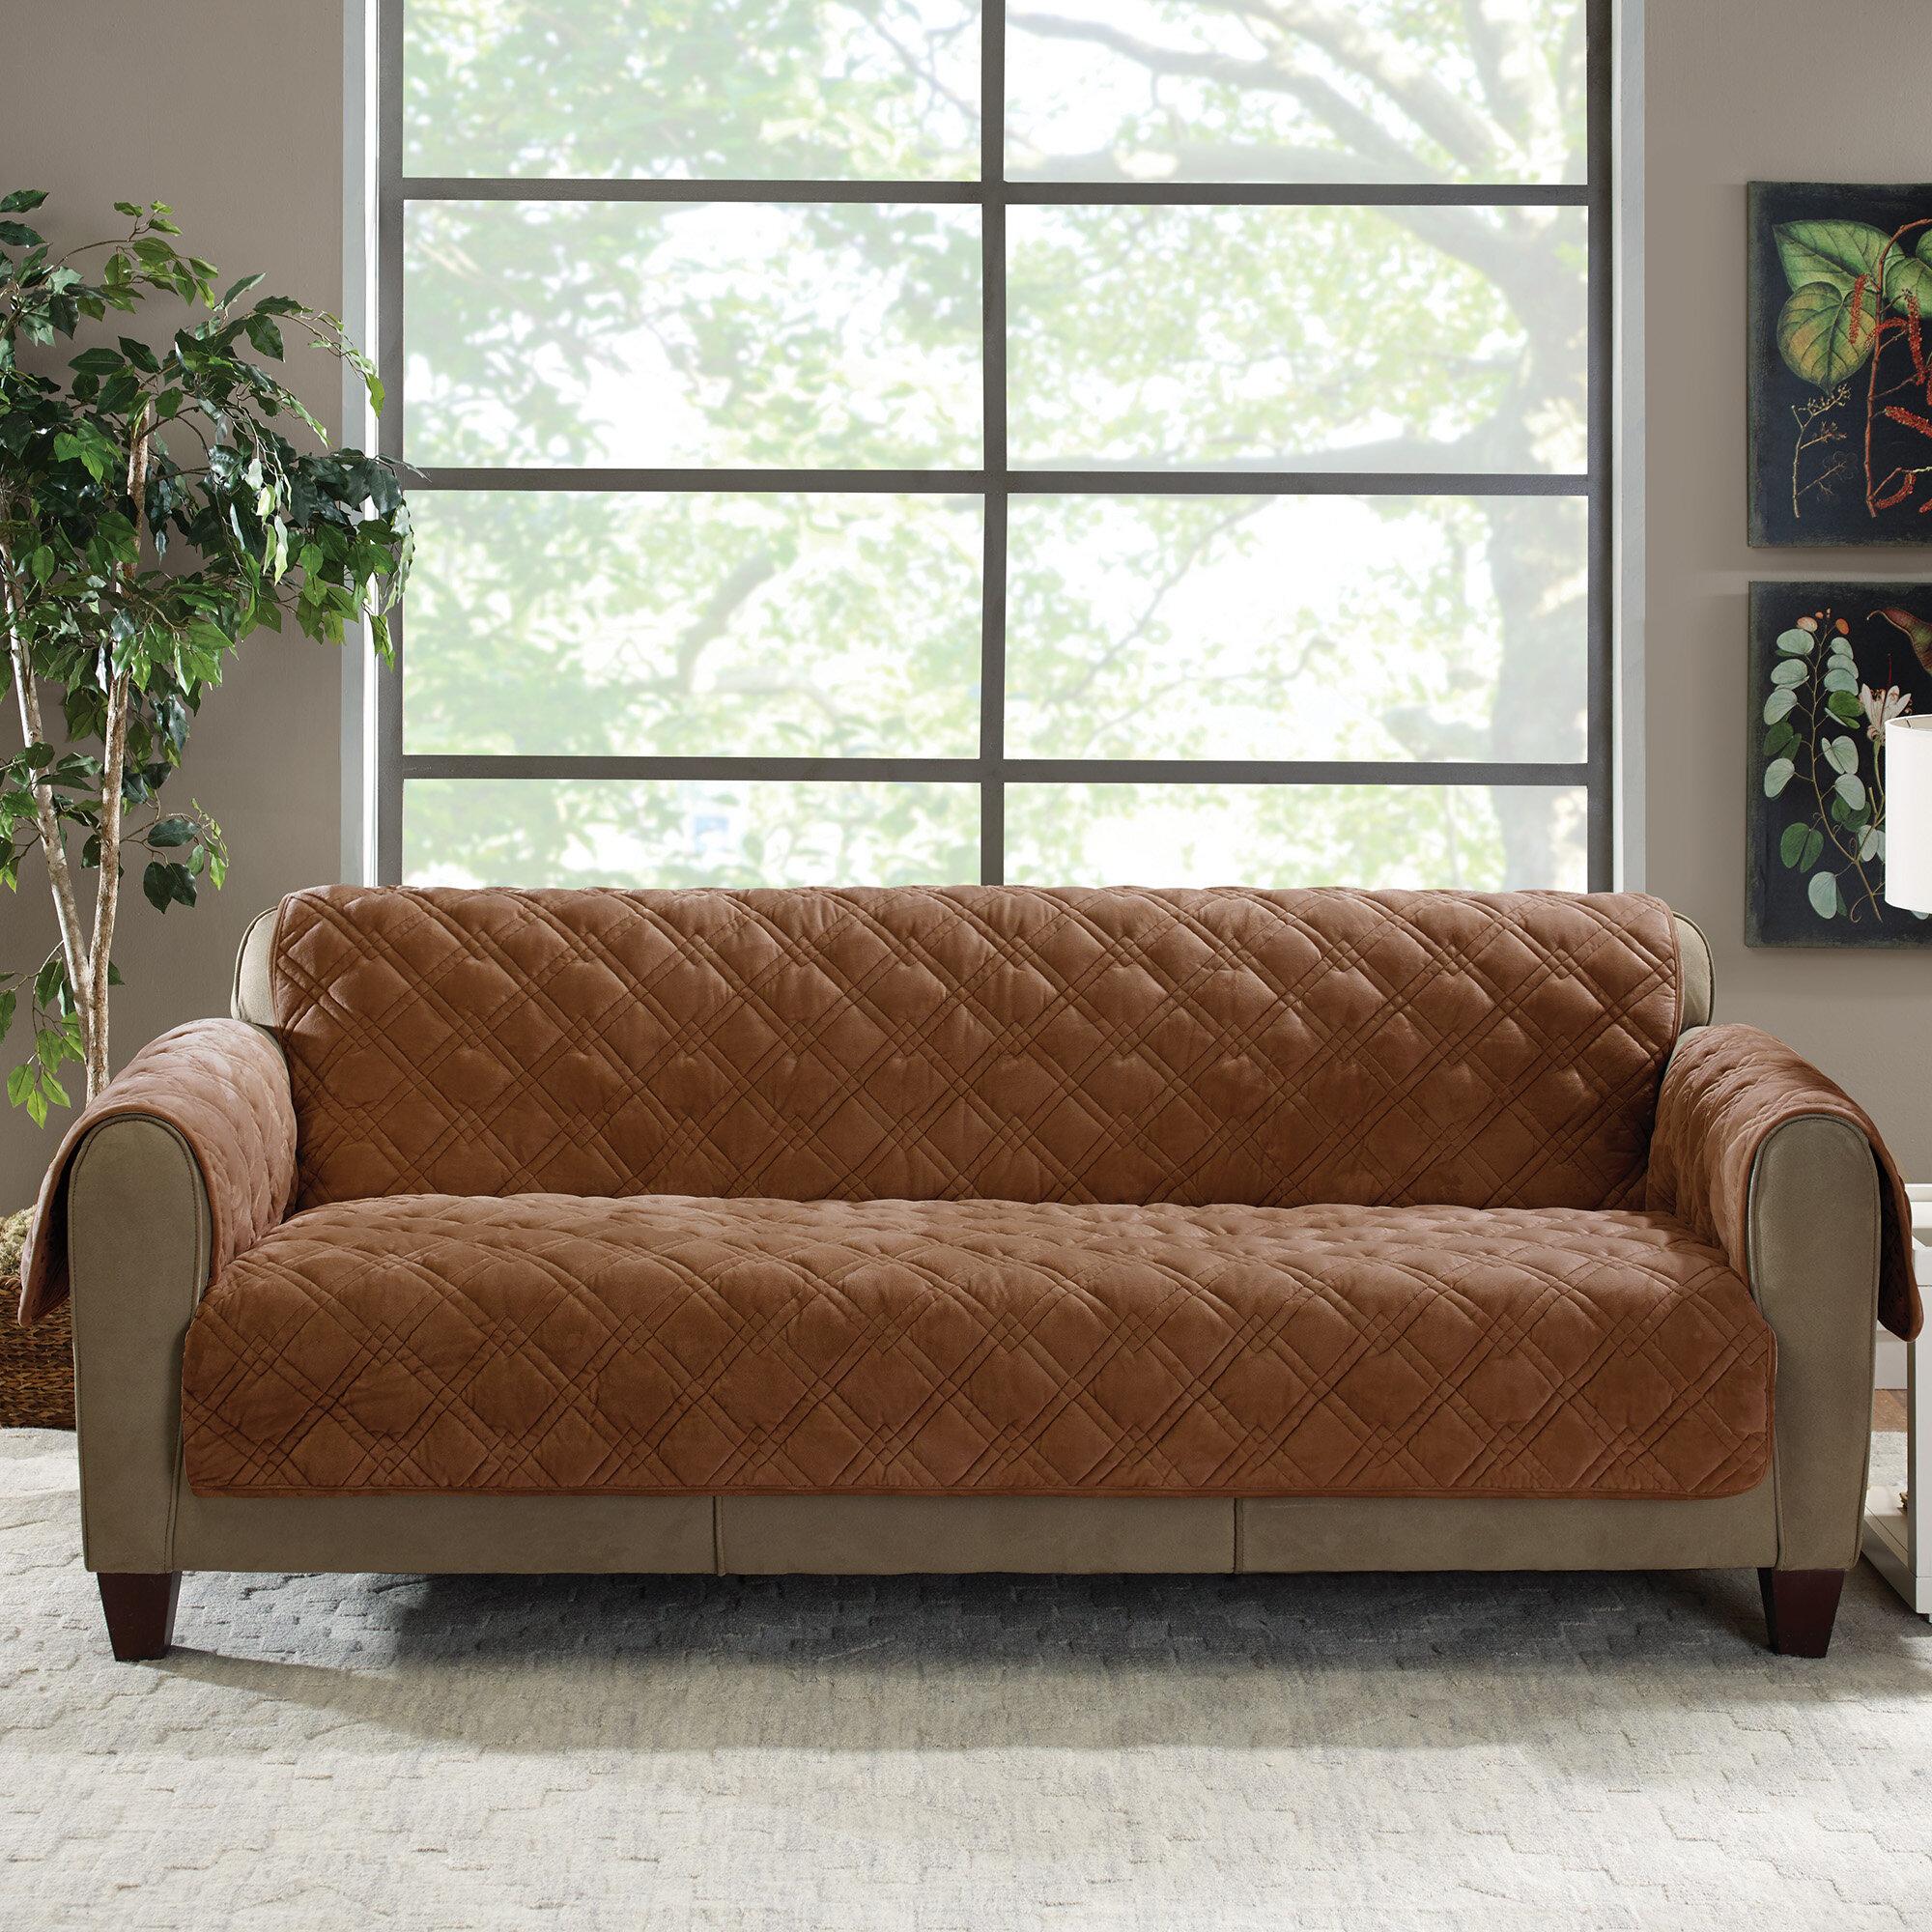 Bon Sure Fit Plush Comfort Sofa Slipcover U0026 Reviews | Wayfair